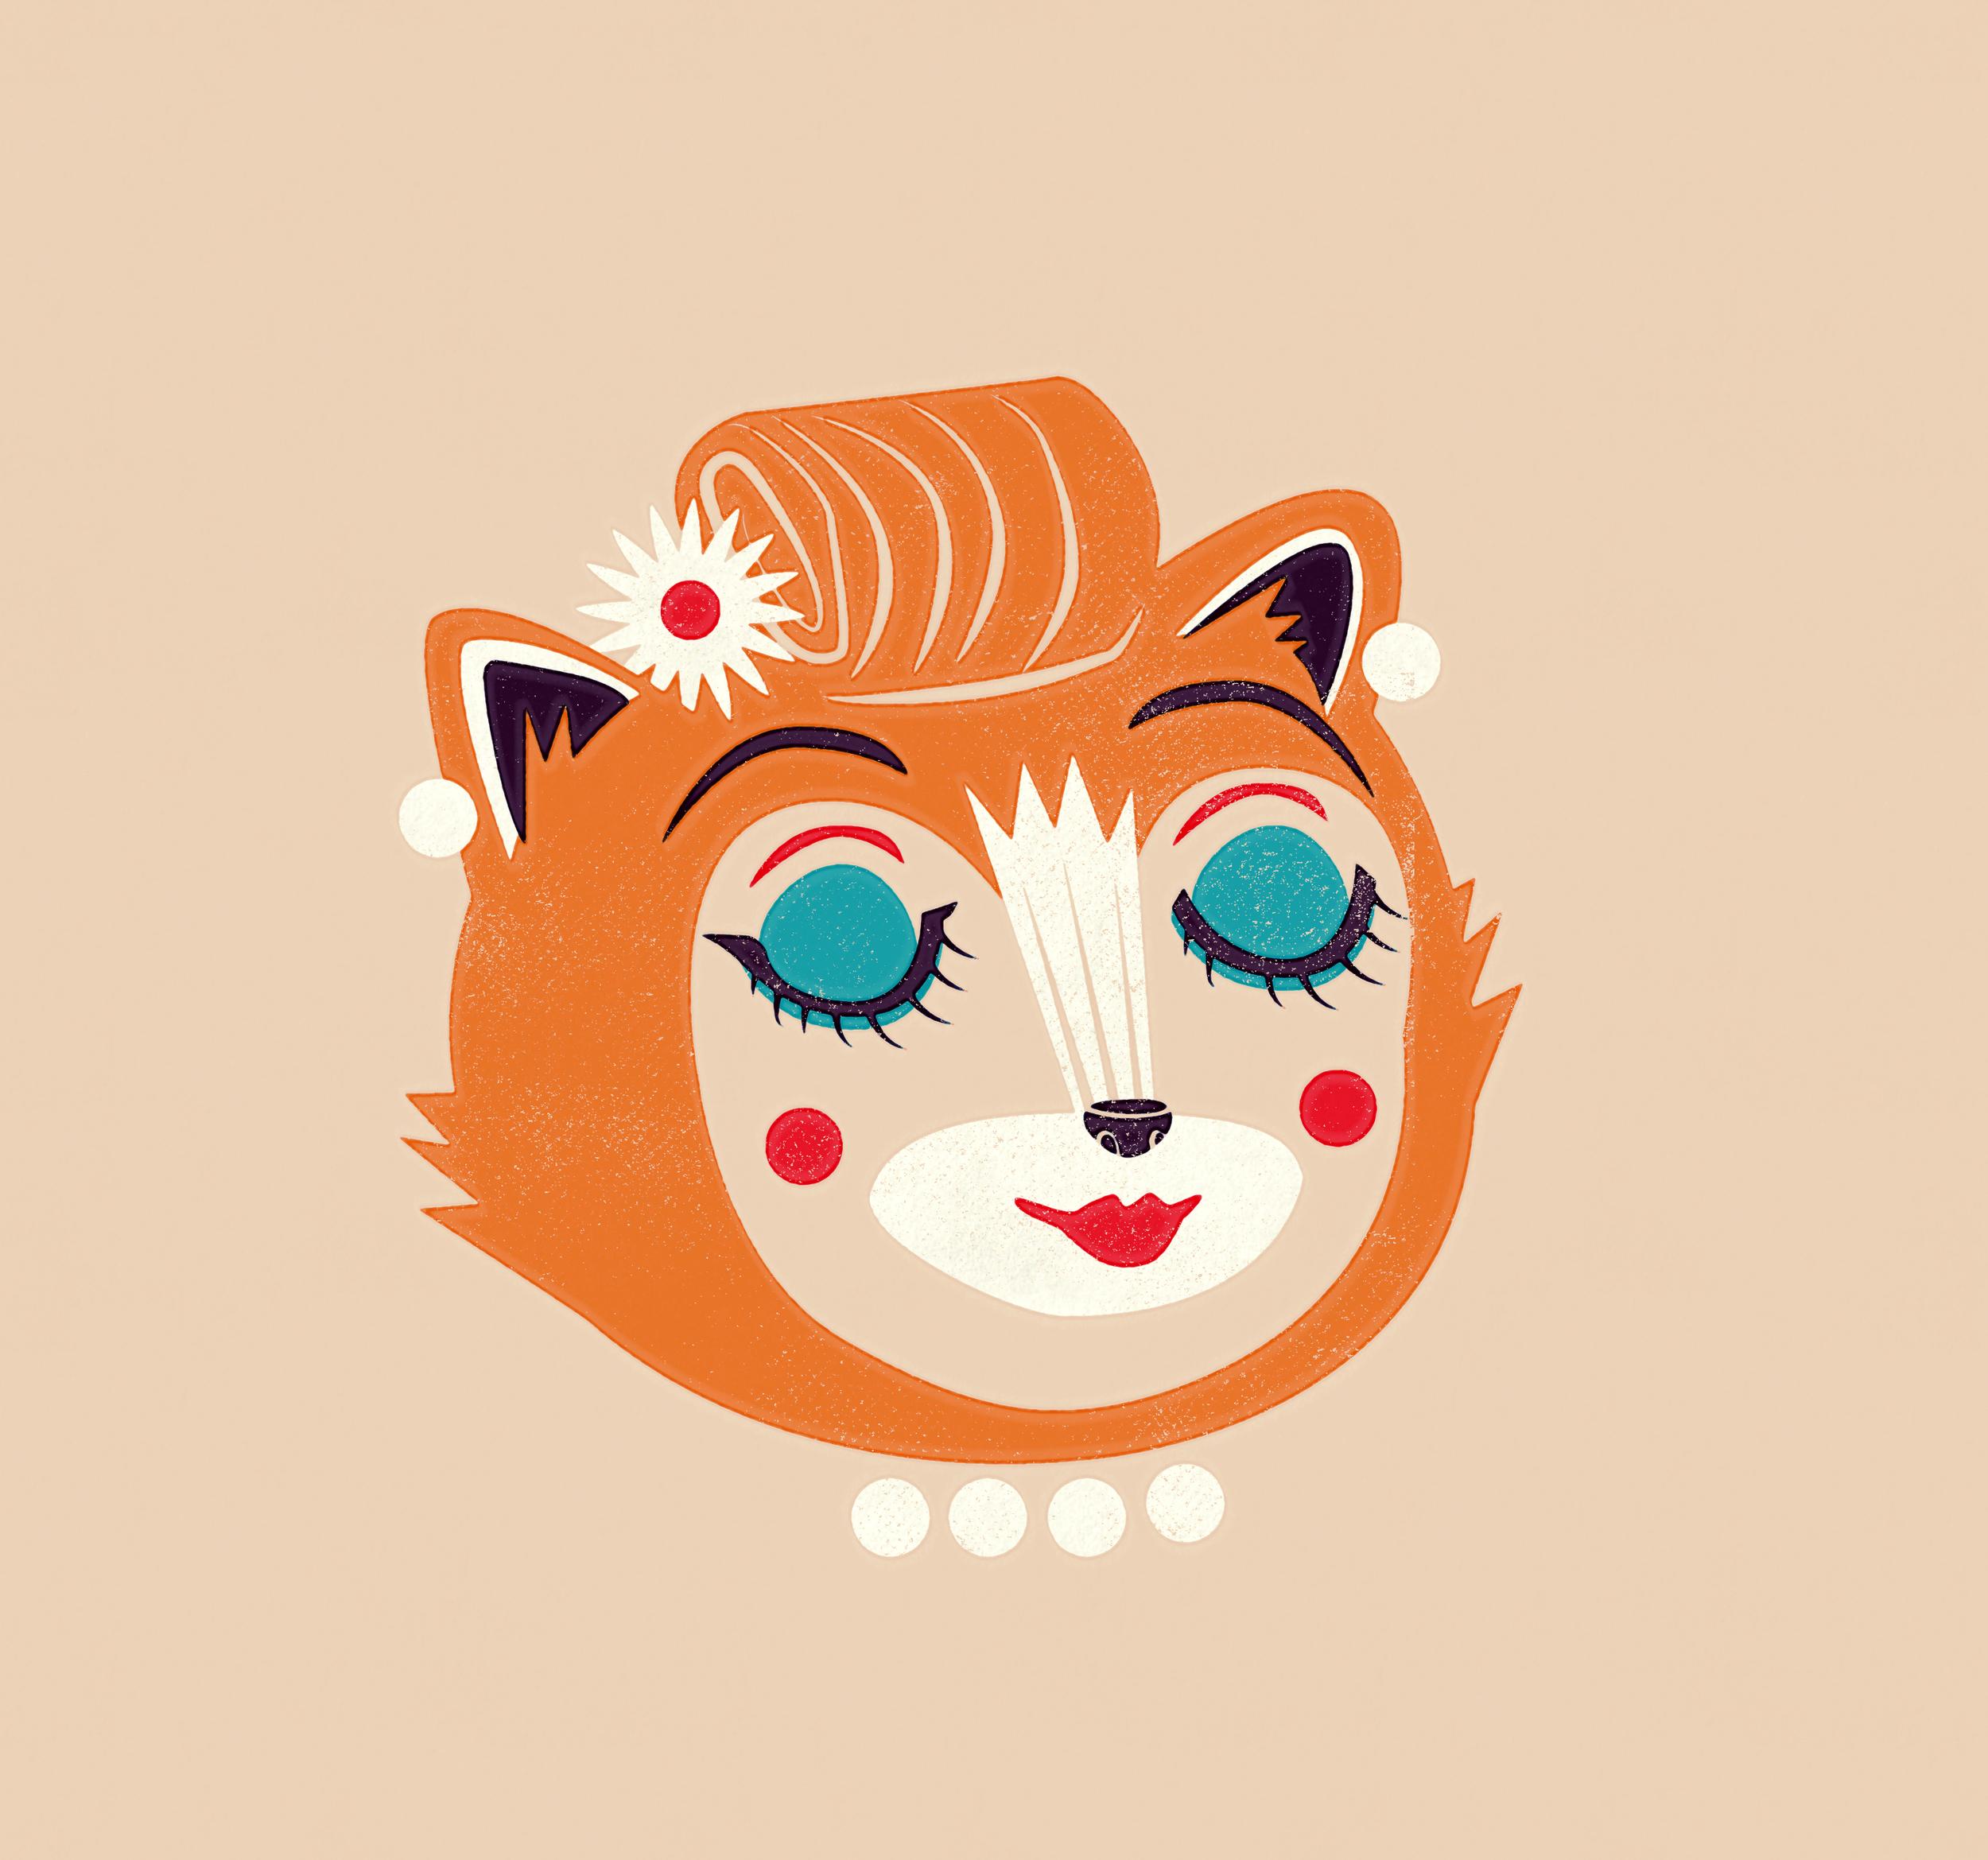 Miss critter-02-02 copy.jpg